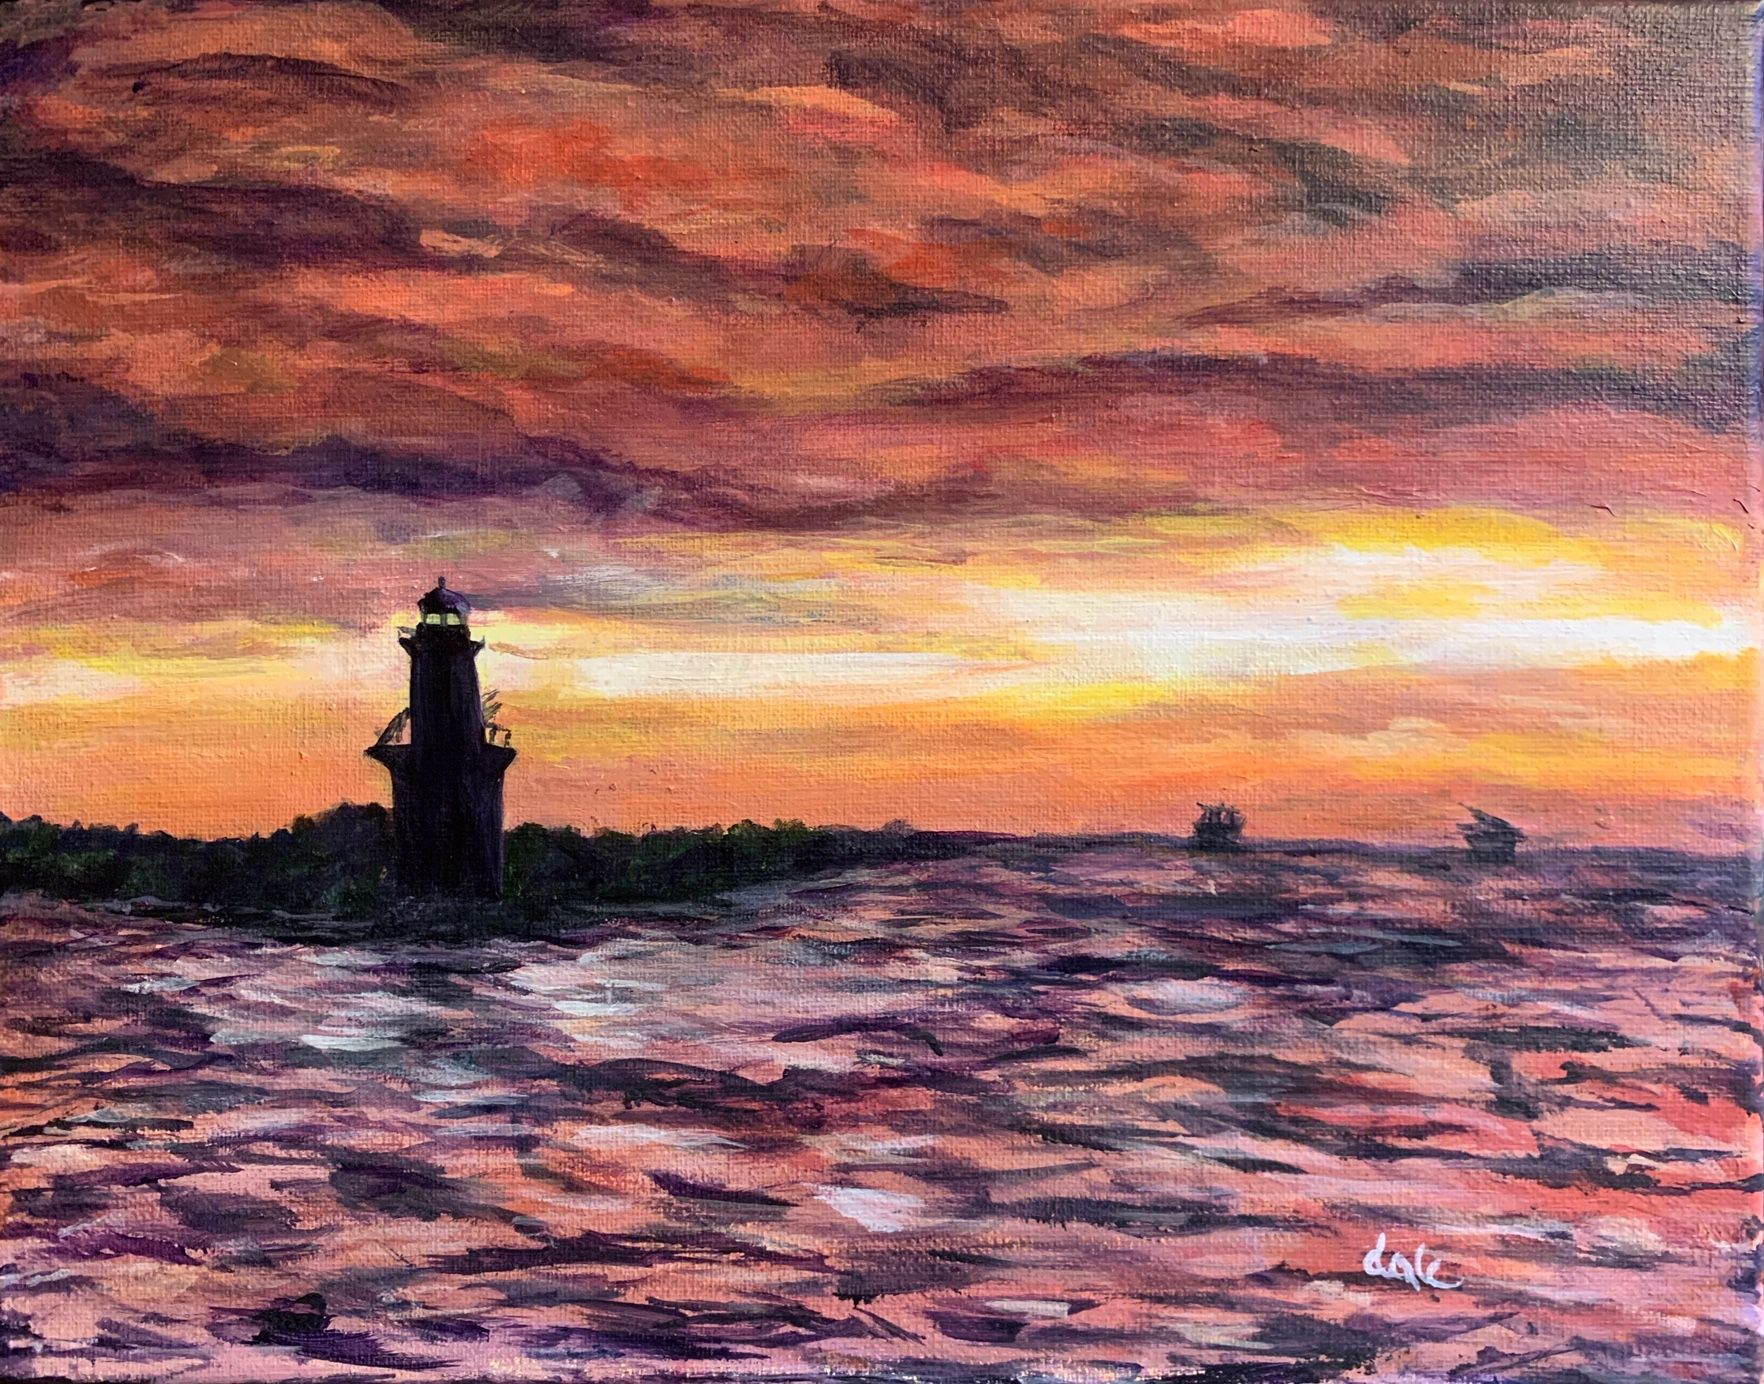 Artist: Dale Boker Krongel, Acrylic on Canvas